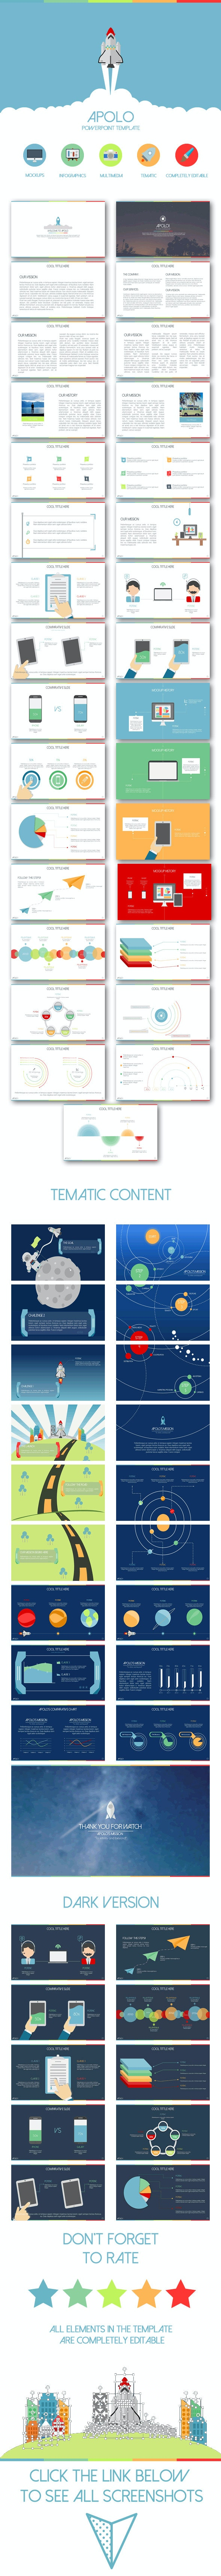 Apolo - PowerPoint Templates Presentation Templates